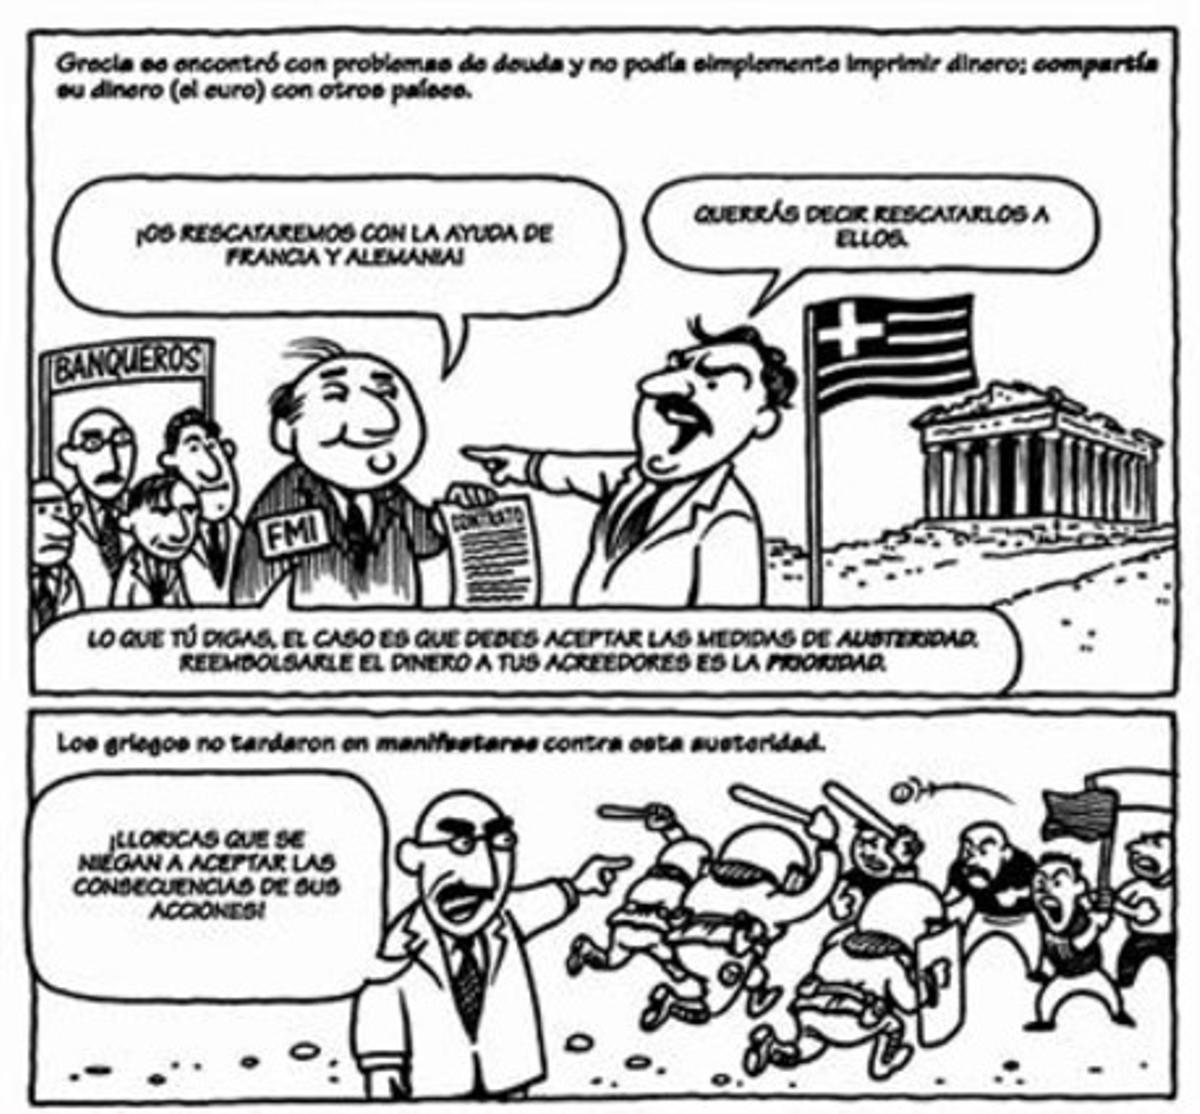 'ECONOMIX' 3 Un revelador cómic que lleva por subtítulo: 'Cómo funciona le economía (y cómo no).